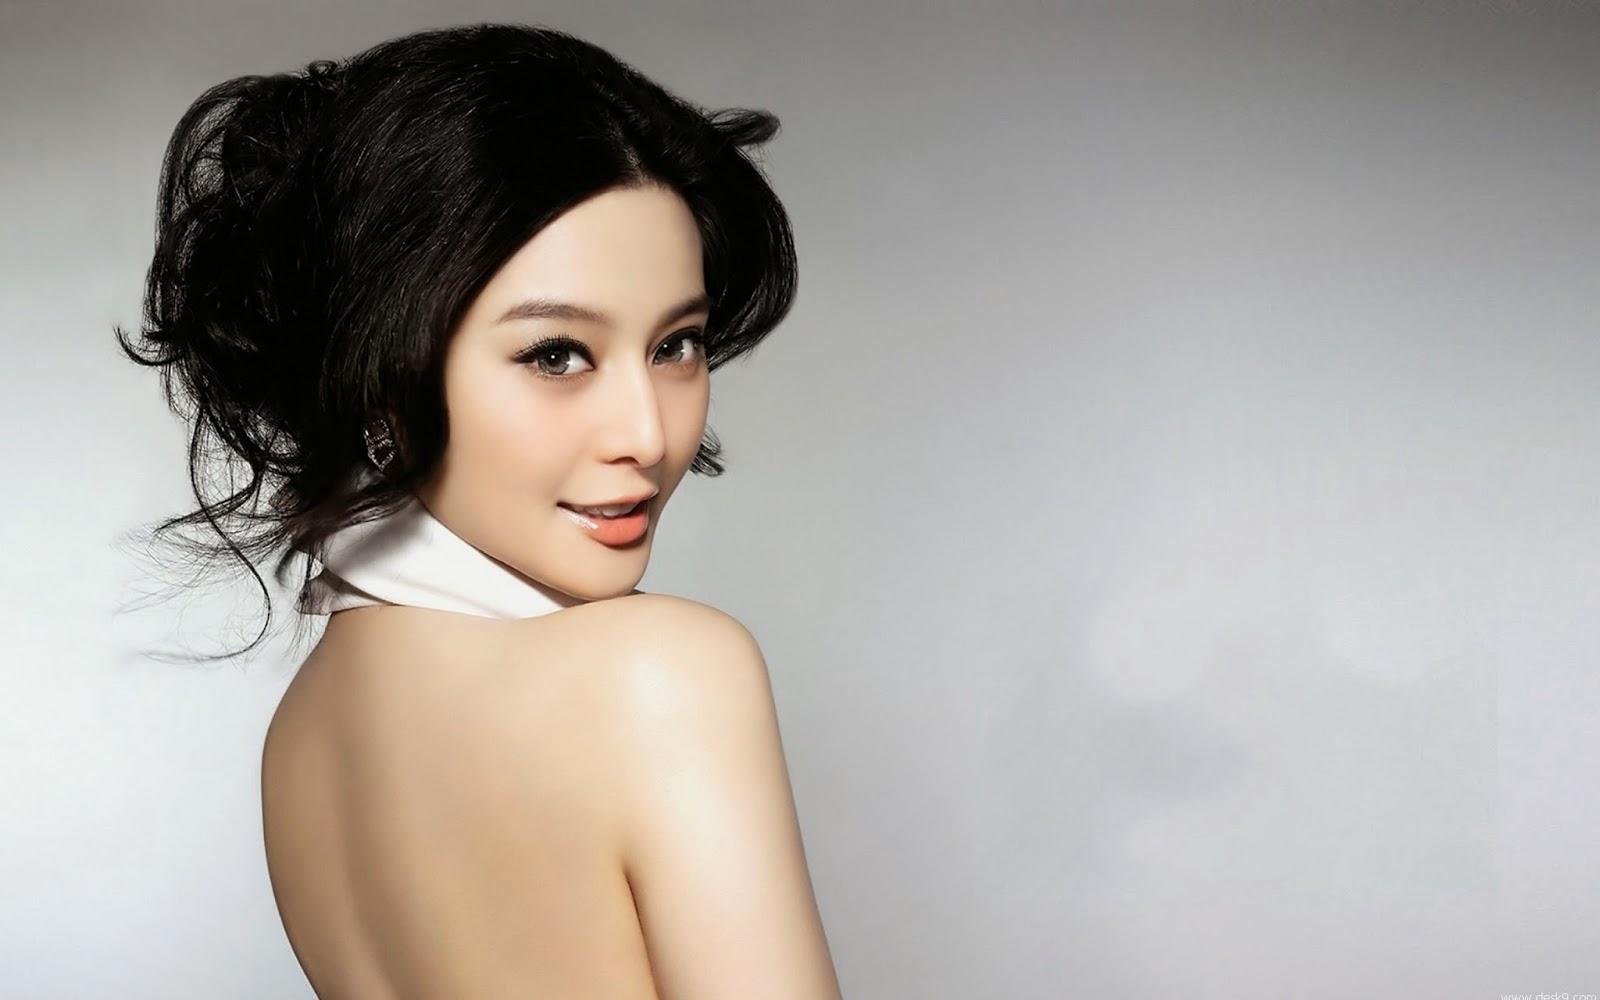 chinese hot girl wallpaper - photo #6